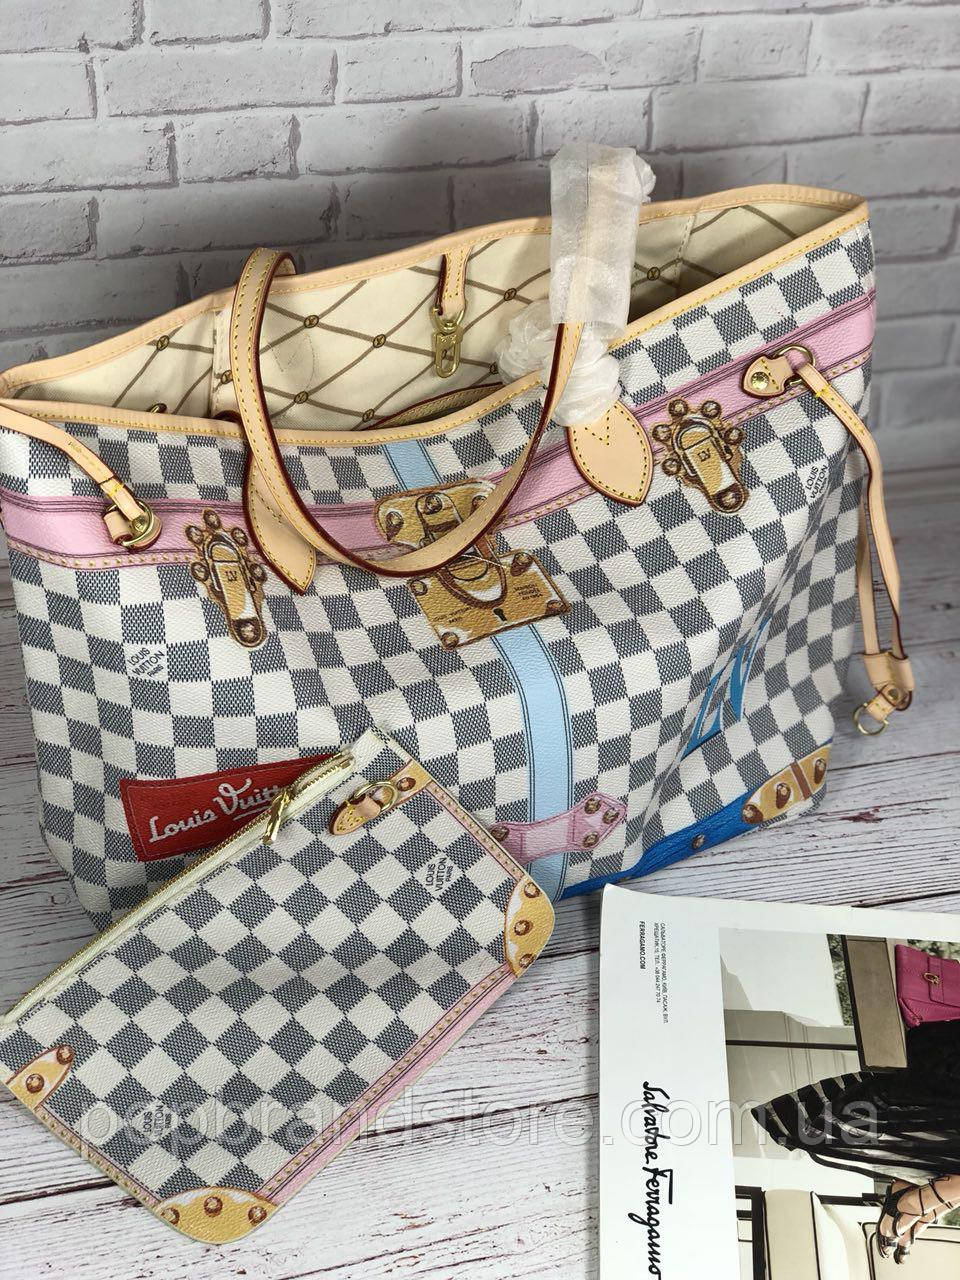 ce5216f9615e Популярная сумка Louis Vuitton Neverfull 32 cм натуральная кожа (реплика)